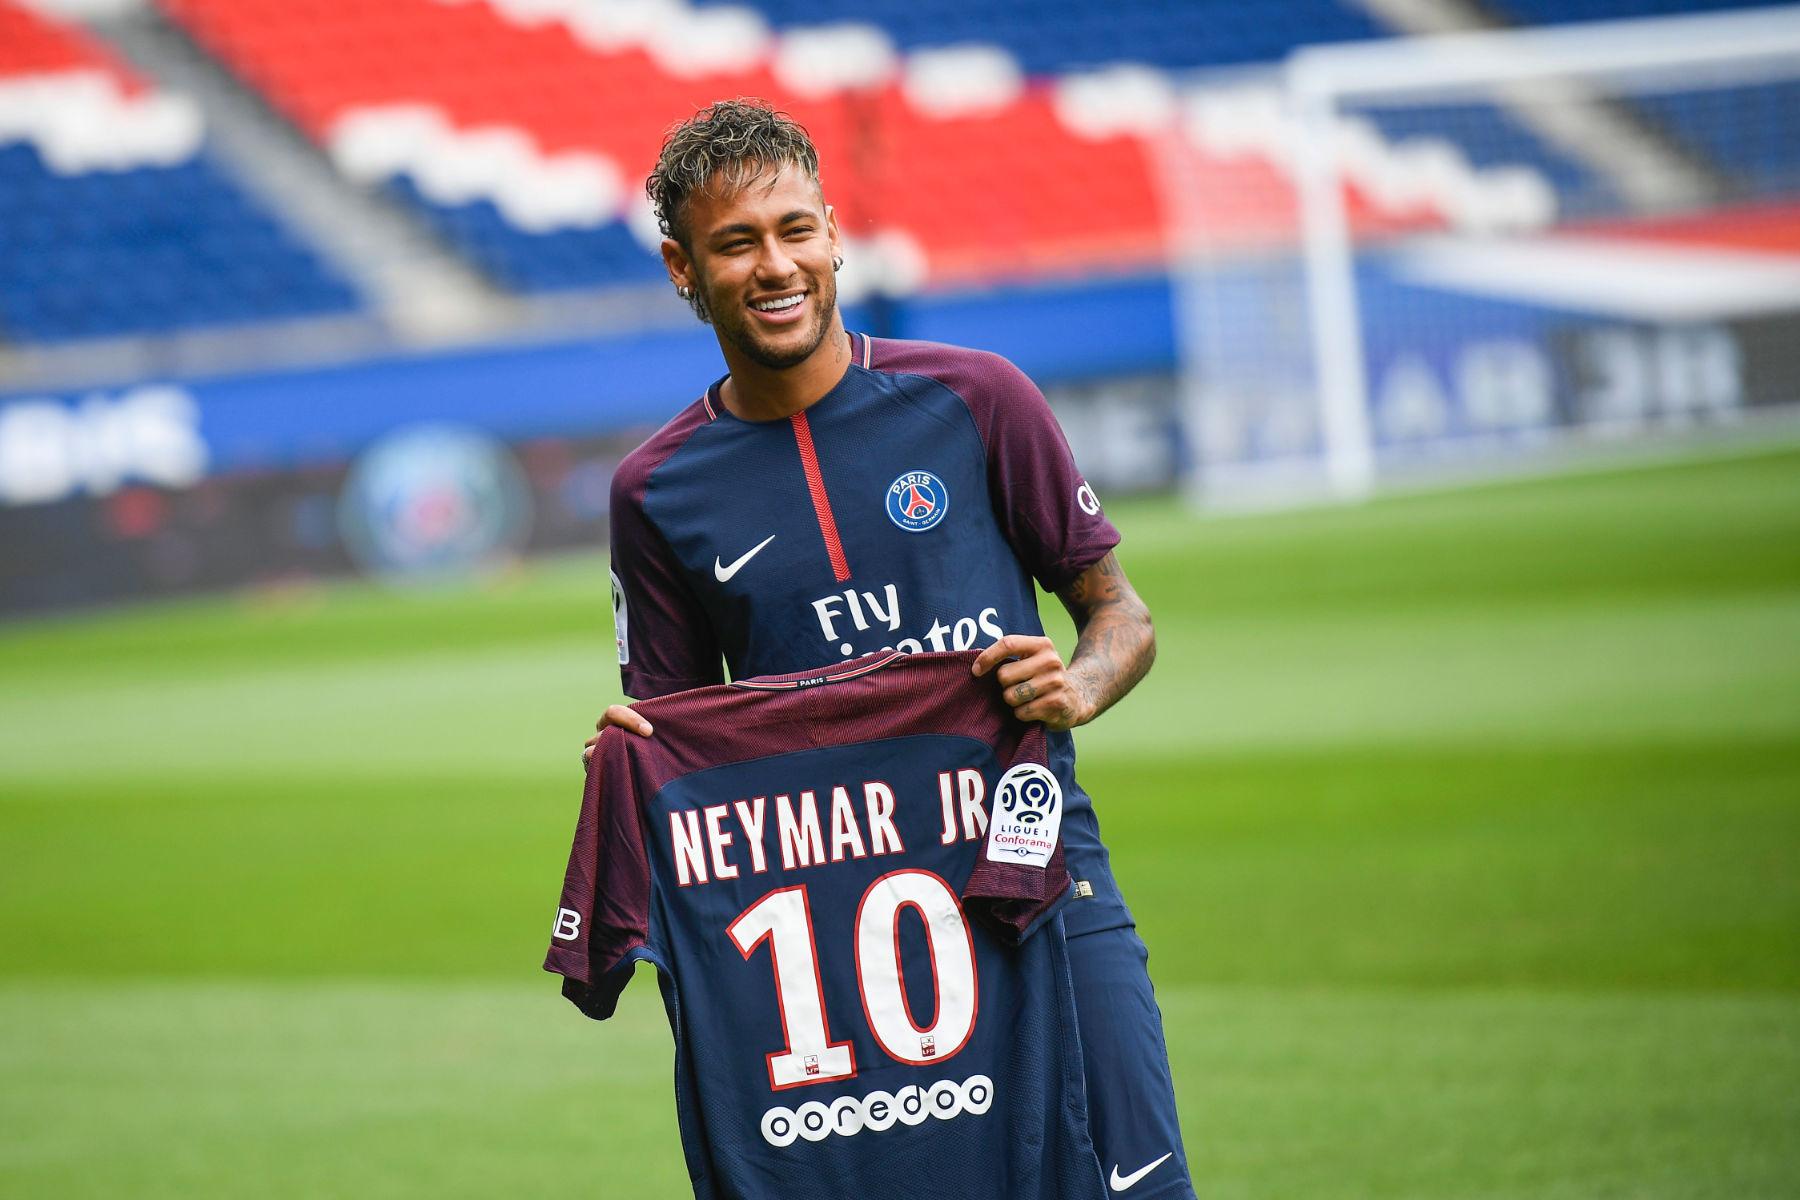 neymar-vo-doi-ve-phi-chuyen-nhuong-trong-lich-su-lang-tuc-cau